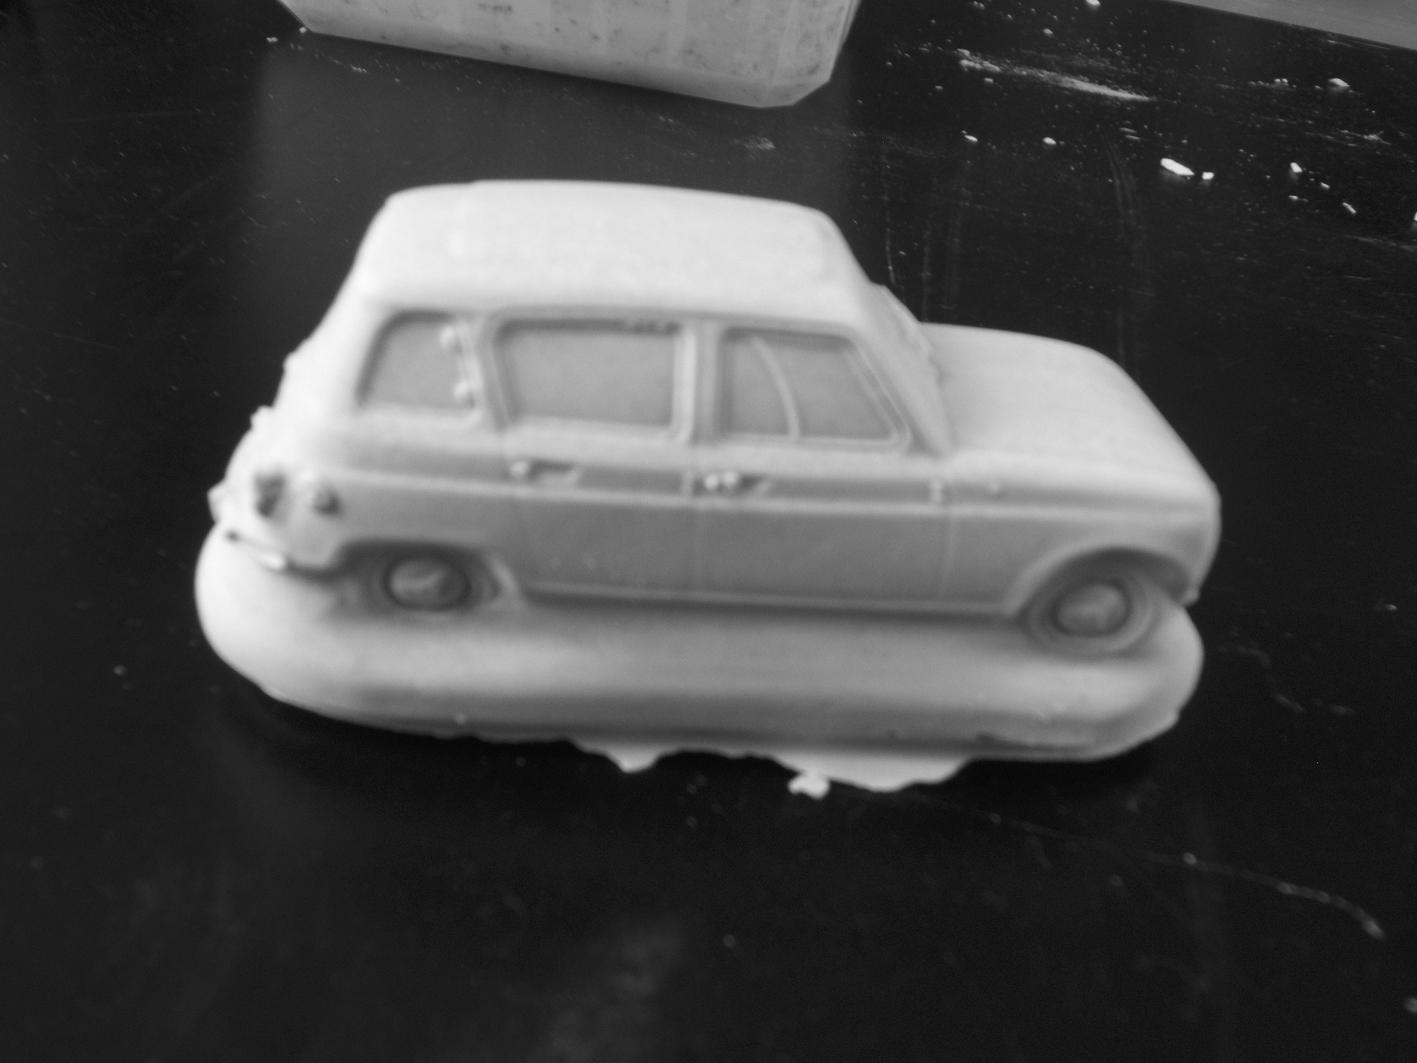 Voiture en plâtre Macoto - Renault 4 en plâtre vue de profil